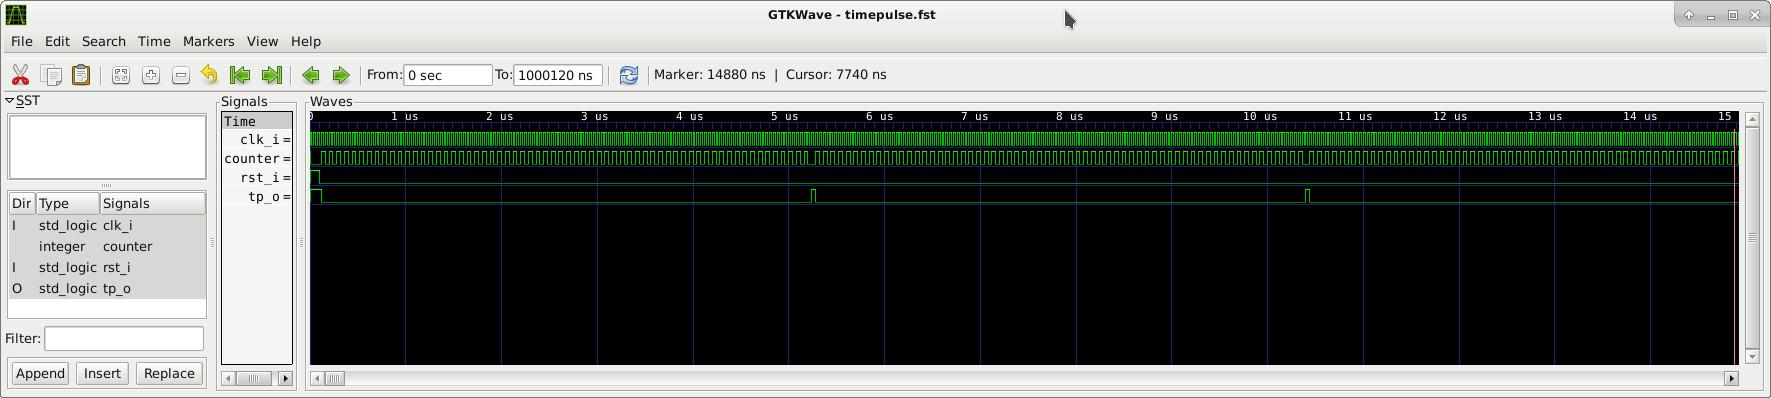 Visualisation de la simulation timepulse avec gtkwave